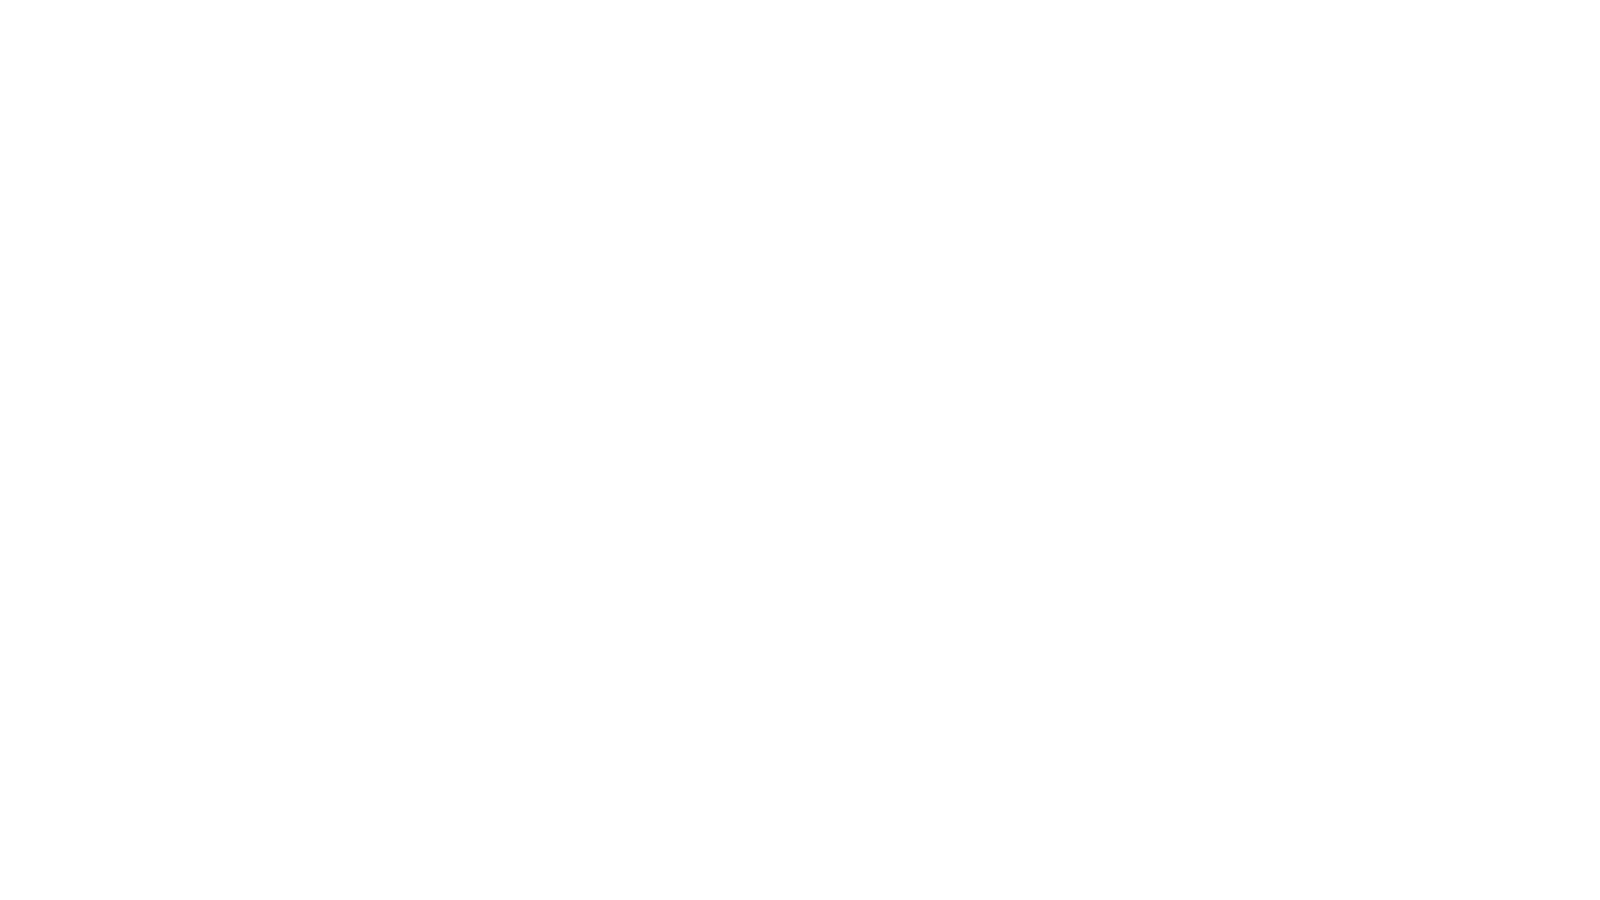 """La """"Caougno paredado"""", la grotte fortifiée de Baychon. En 1213, le """"castrum de Merglos"""" fait partie des places fortes que le comte de Foix, Raymond-Roger, remet en garantie à Pierre II d'Aragon, en gage de sa soumission à l'Église de Rome, en pleine croisade contre les Albigeois. 17 châteaux et 6 grottes fortifiées """"caougnos"""", sont cités dans l'acte du 27 janvier 1213 Le château de Miglos, placé à un point stratégique de la vallée du Vicdessos, s'intégrait à un important dispositif de défense du haut comté de Foix. Il était en effet en liaison avec les châteaux de Montréal-de-Sos (Olbier), Génat et Quié, par le biais du fort Castel Merle, aujourd'hui disparu."""